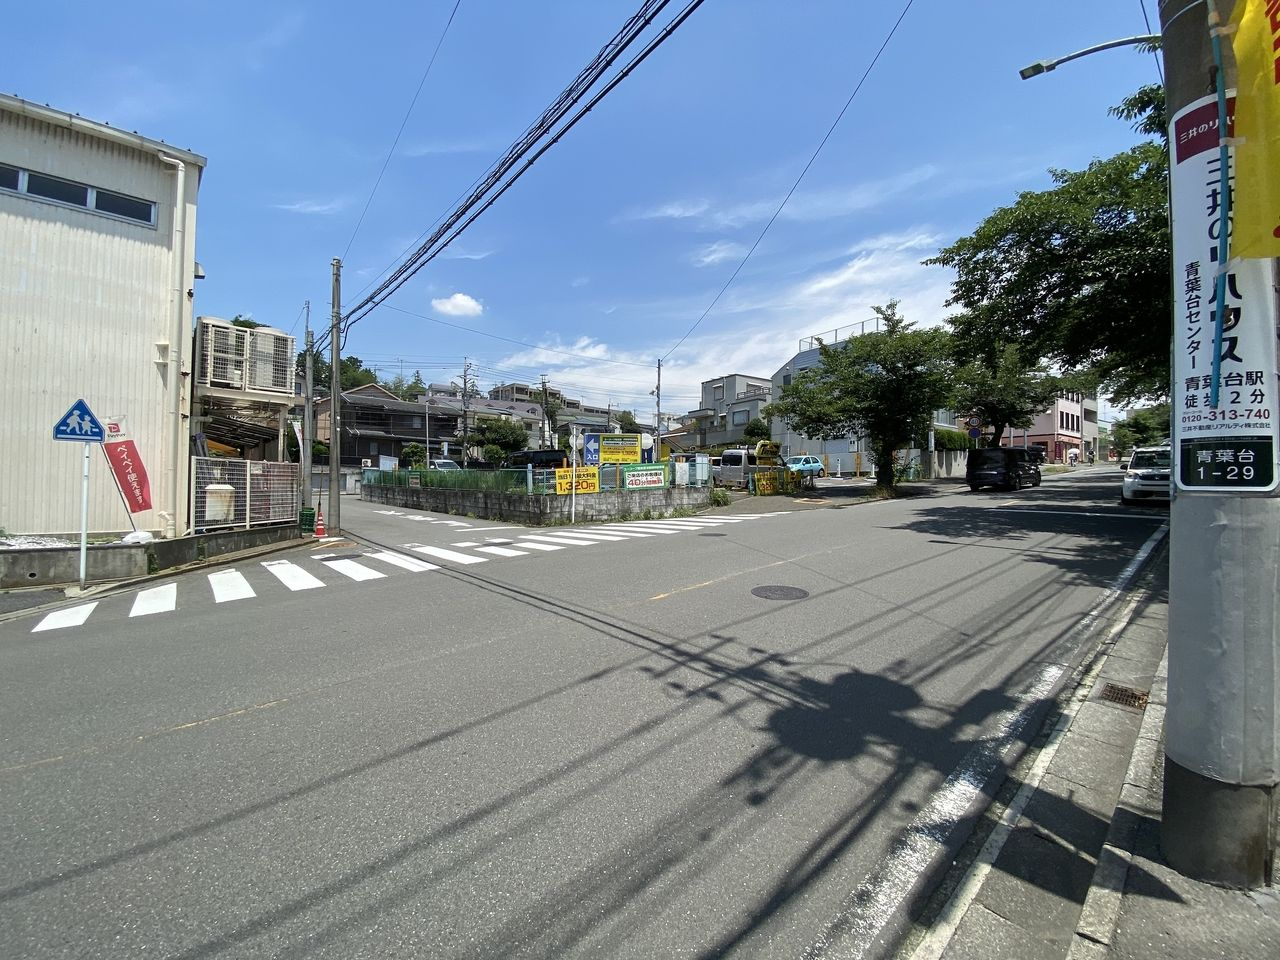 ユーコープ:桜台( 生活協同組合ユーコープ)の駐車場